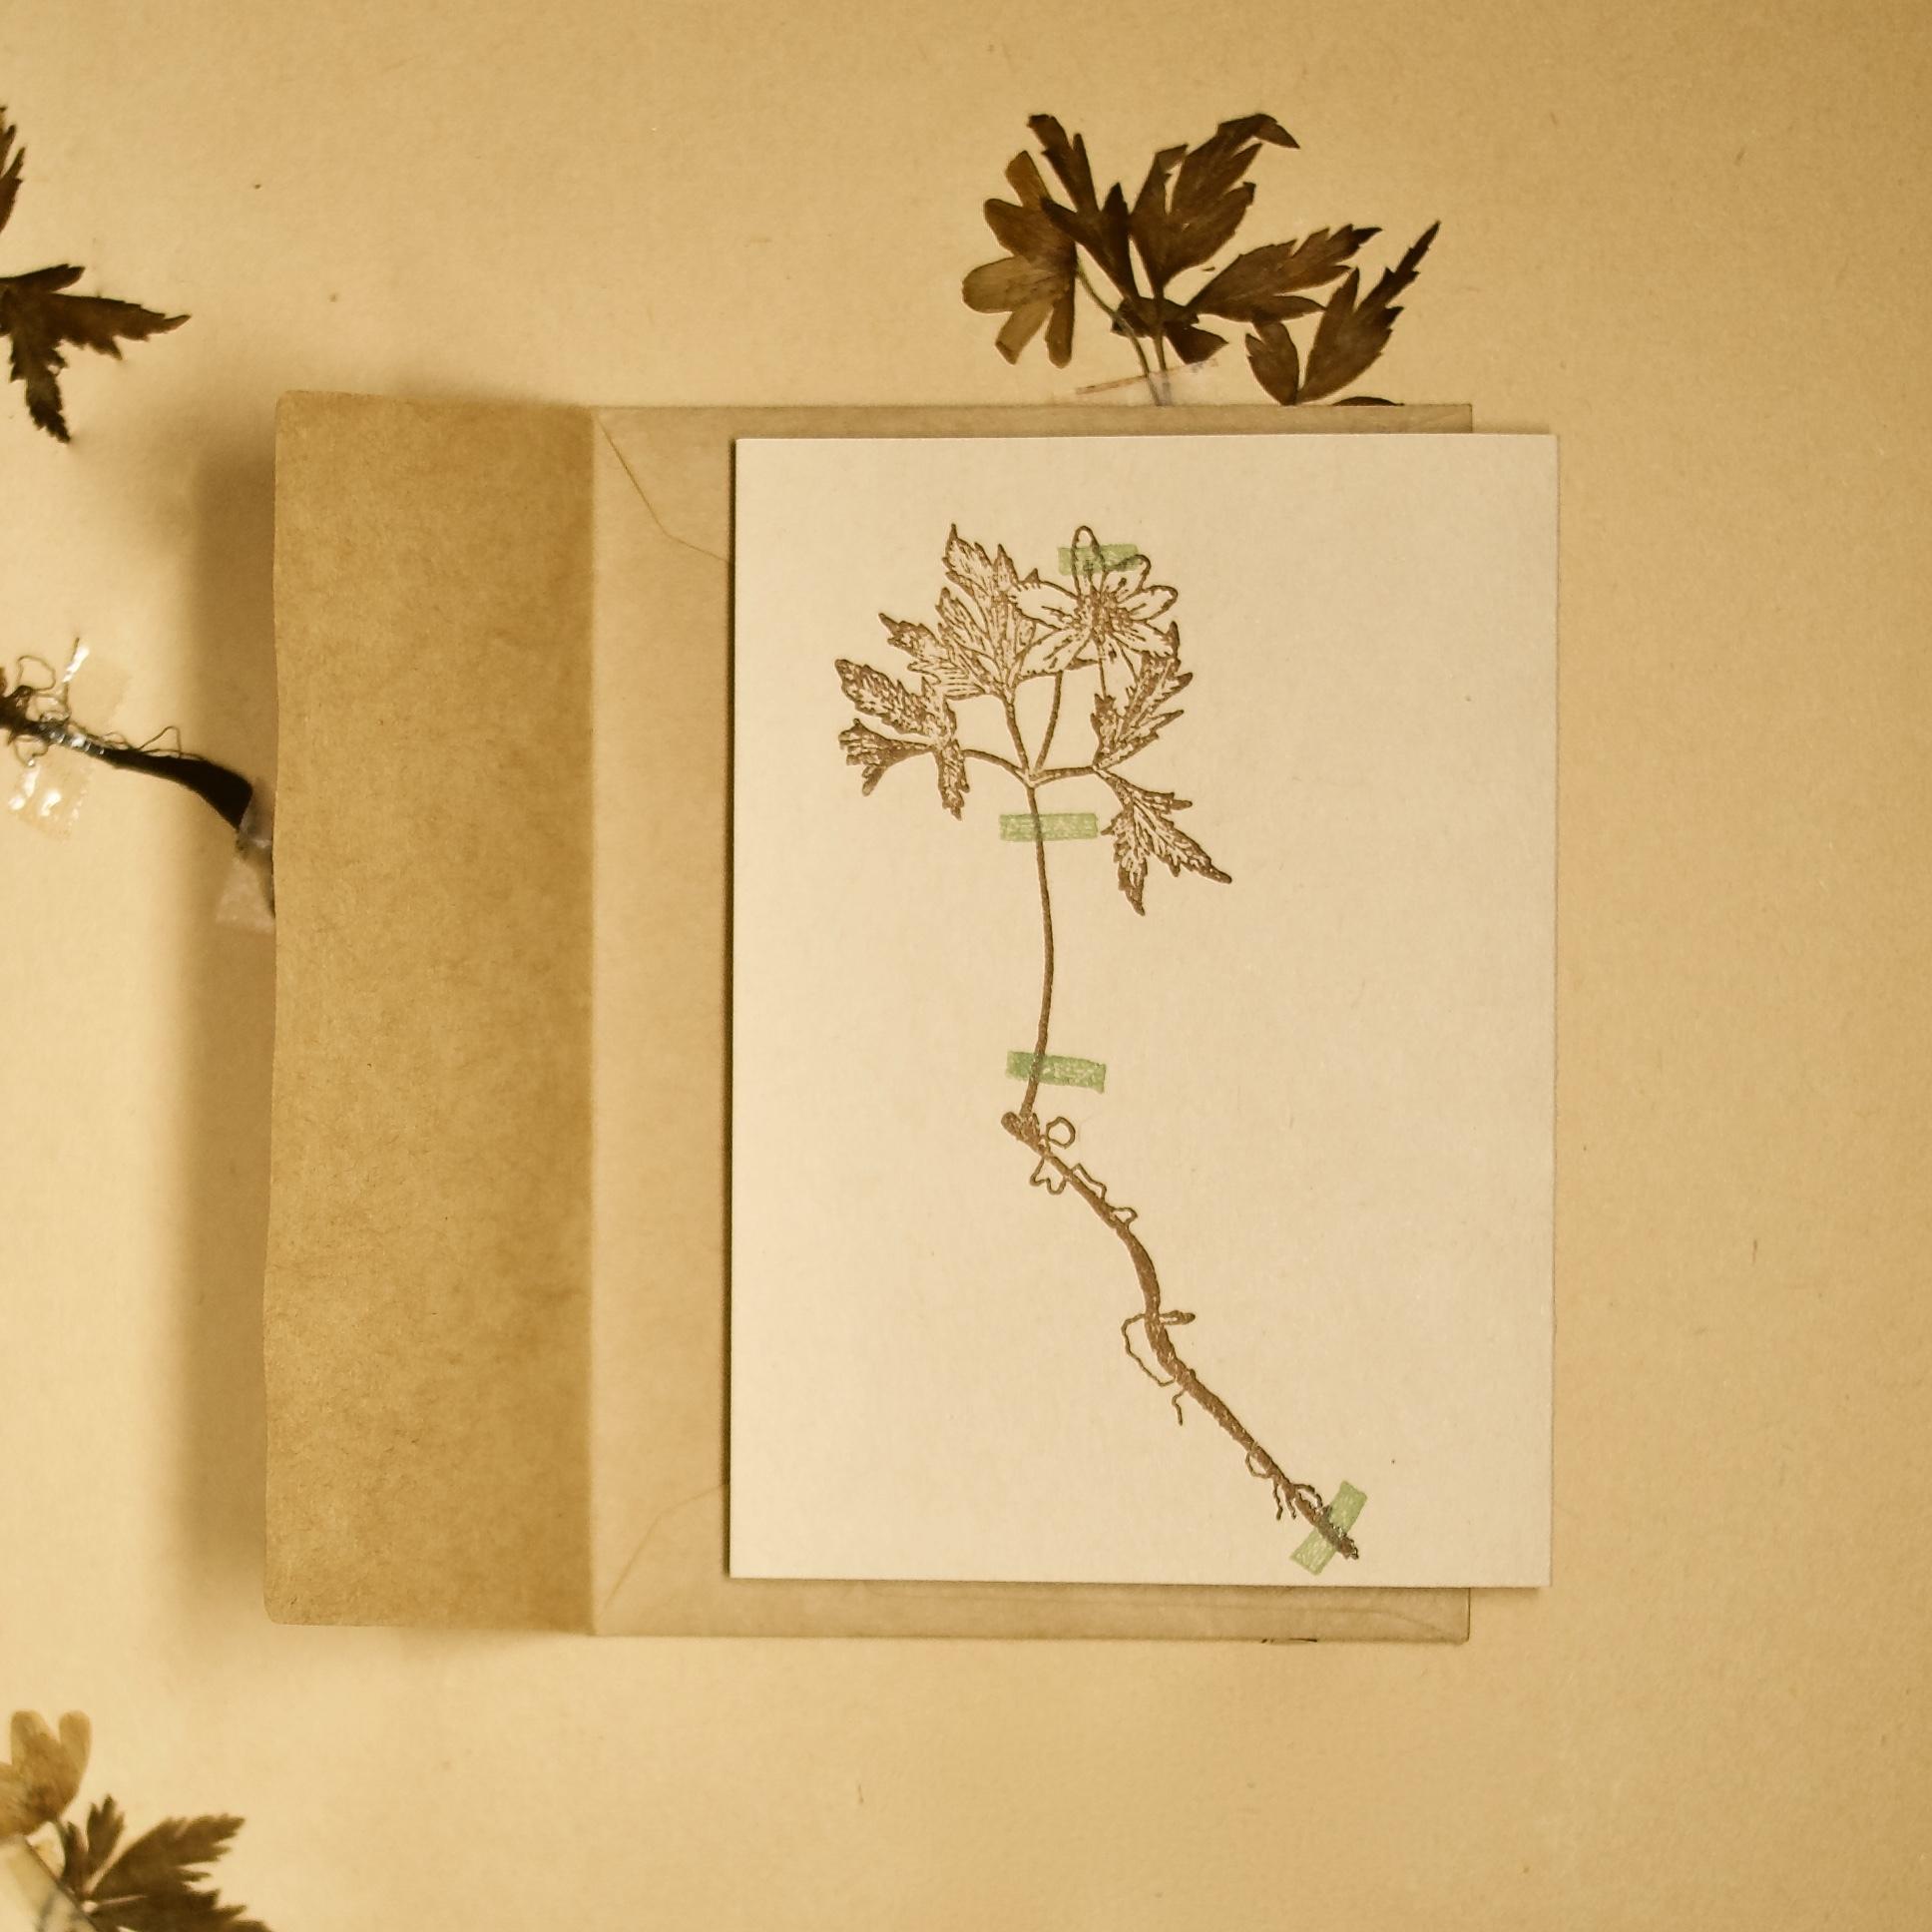 【カード 小】アンティーク押し花 アネモネ / カード1枚+封筒1枚